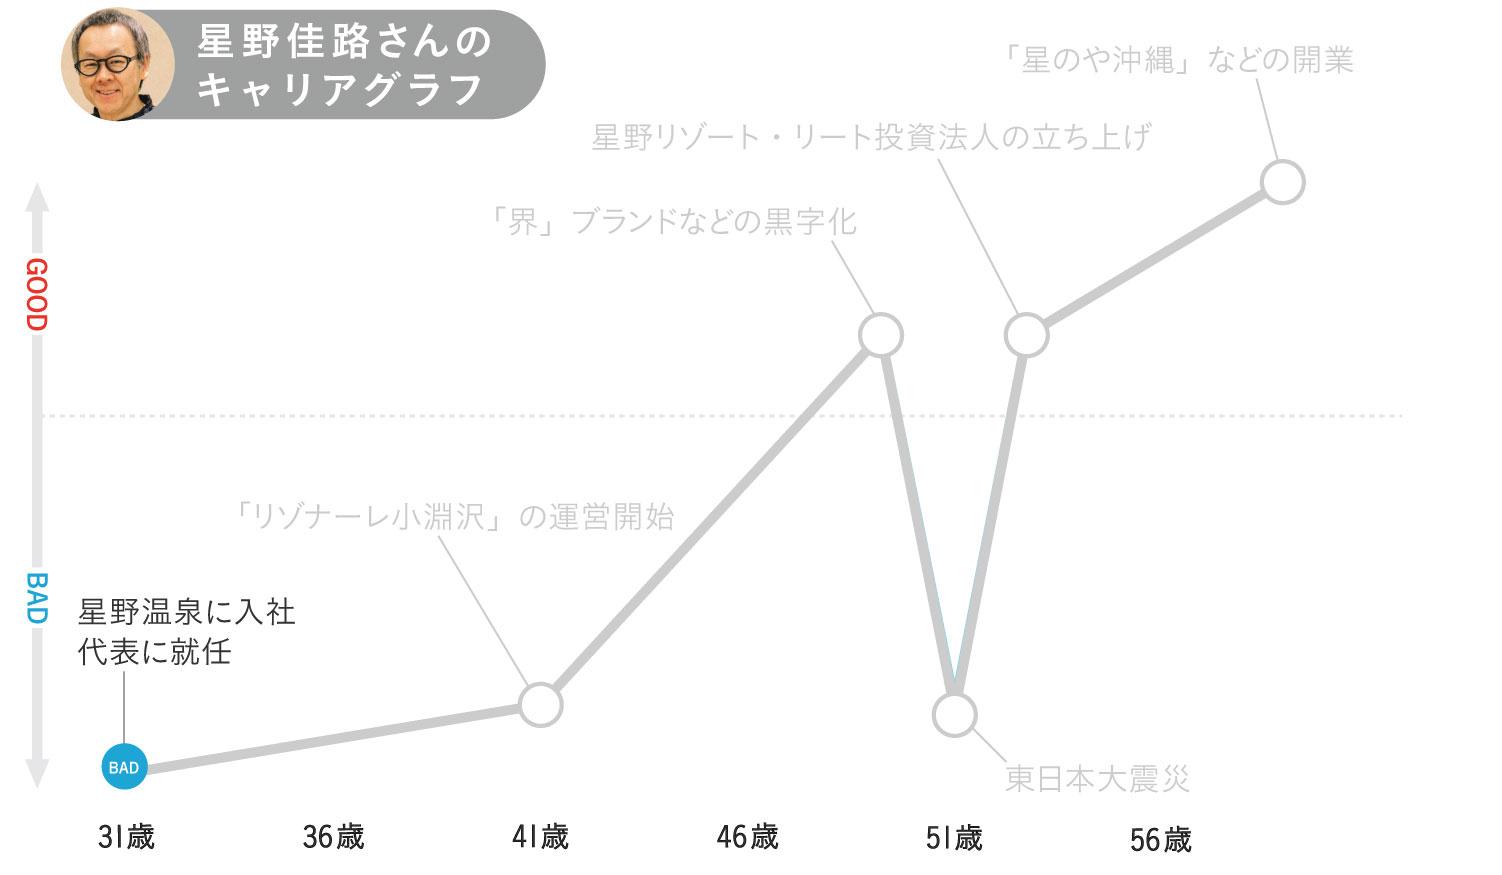 星野佳路さんのキャリアグラフ1